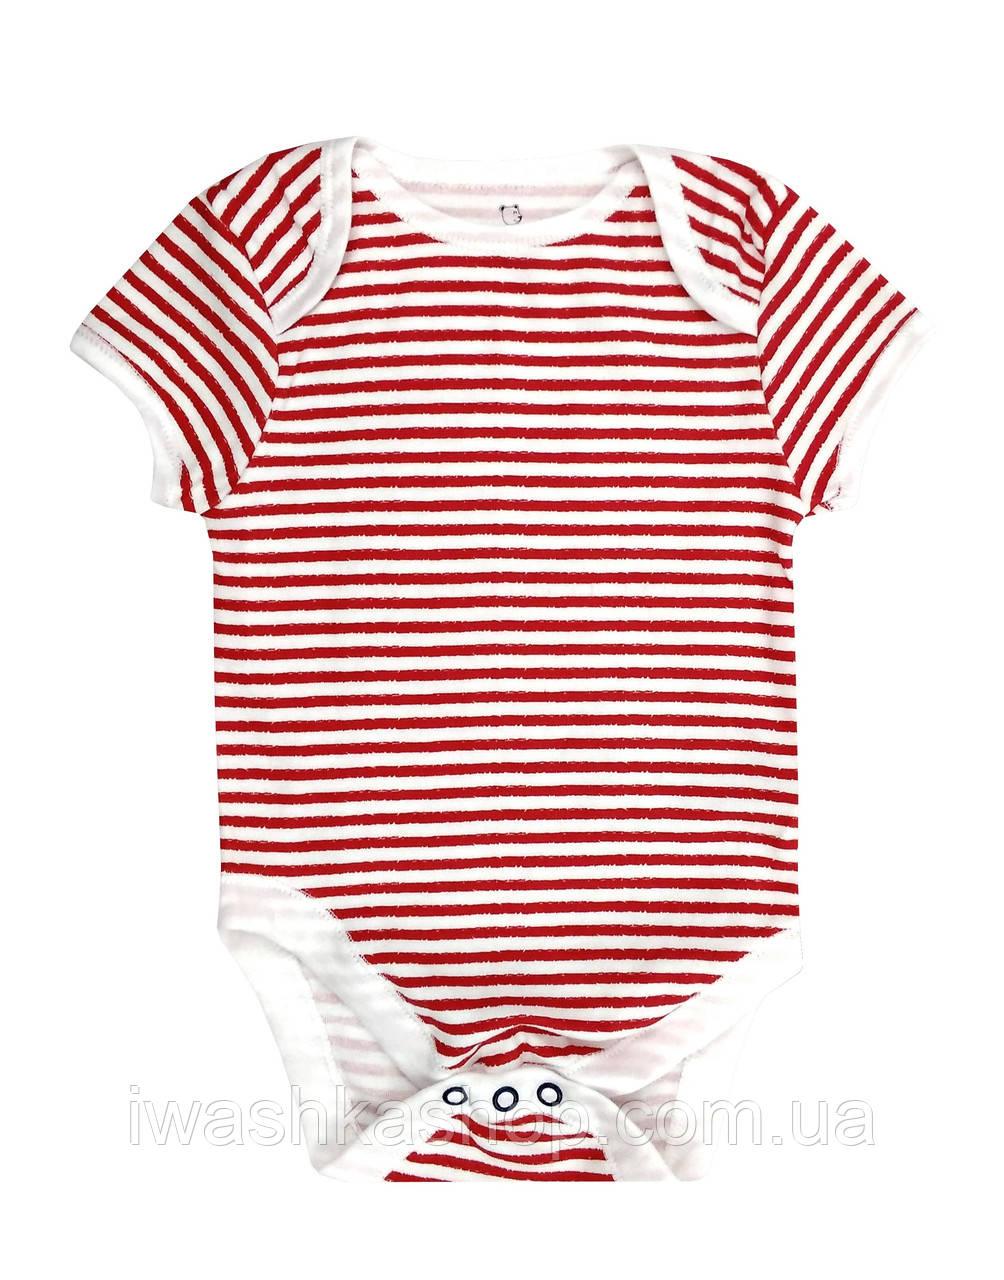 Боді з коротким рукавом в смужку для хлопчика 6 - 9 місяців, р. 74, Early days by Primark